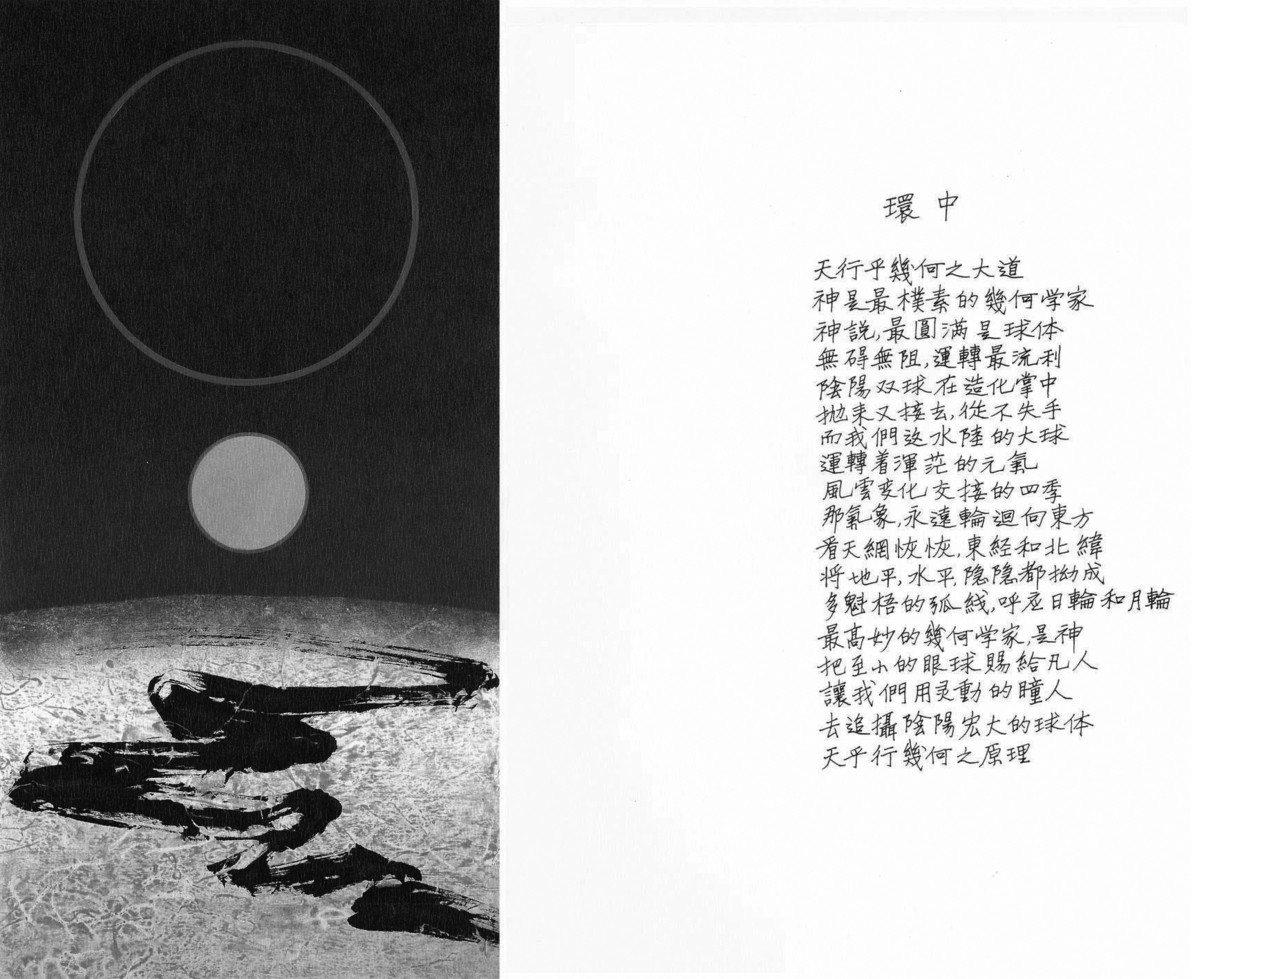 〈環中〉,劉國松圖,余光中詩。